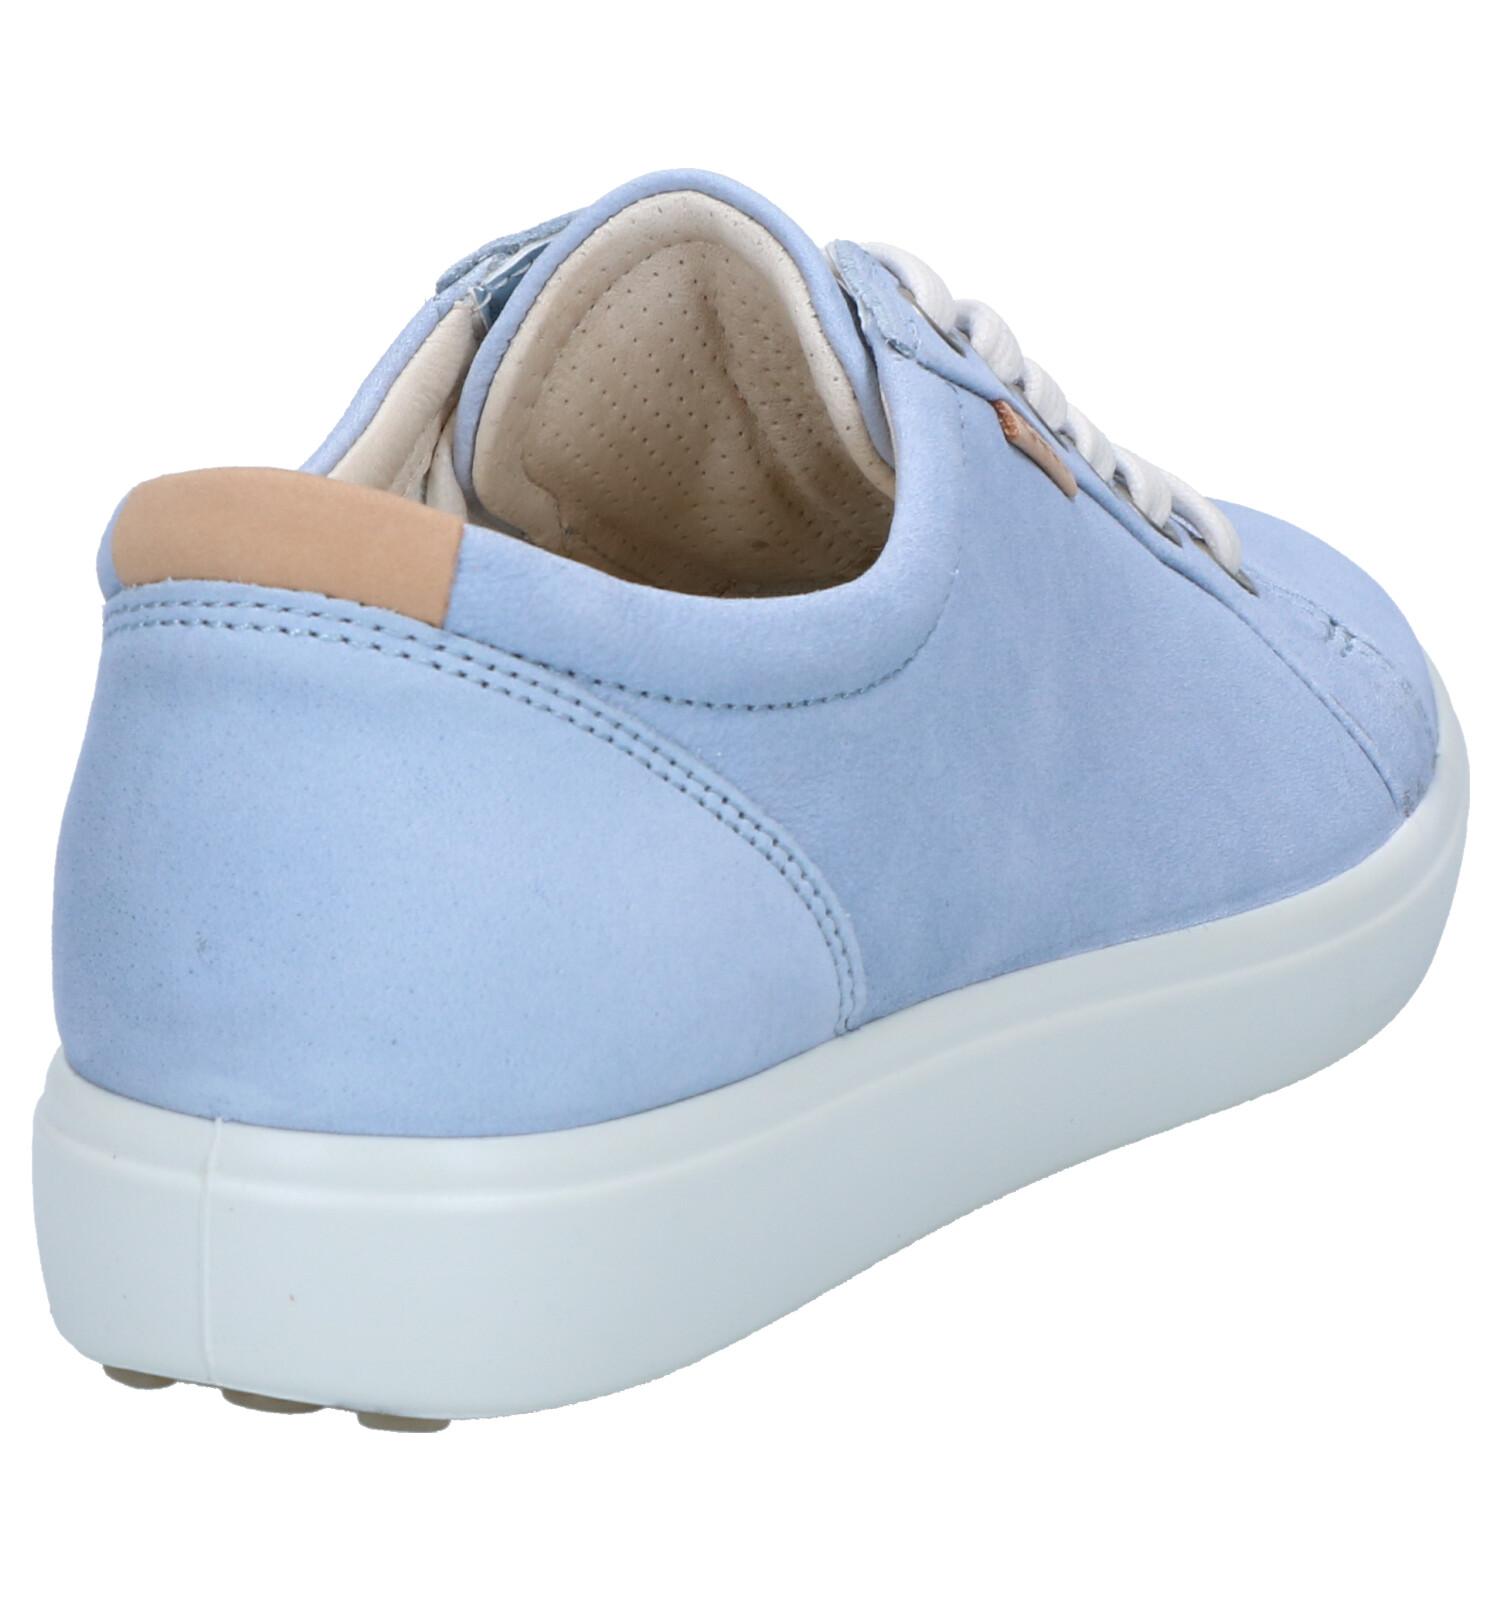 Lichtblauwe Veterschoenen ECCO Soft 7 | TORFS.BE | Gratis verzend en retour